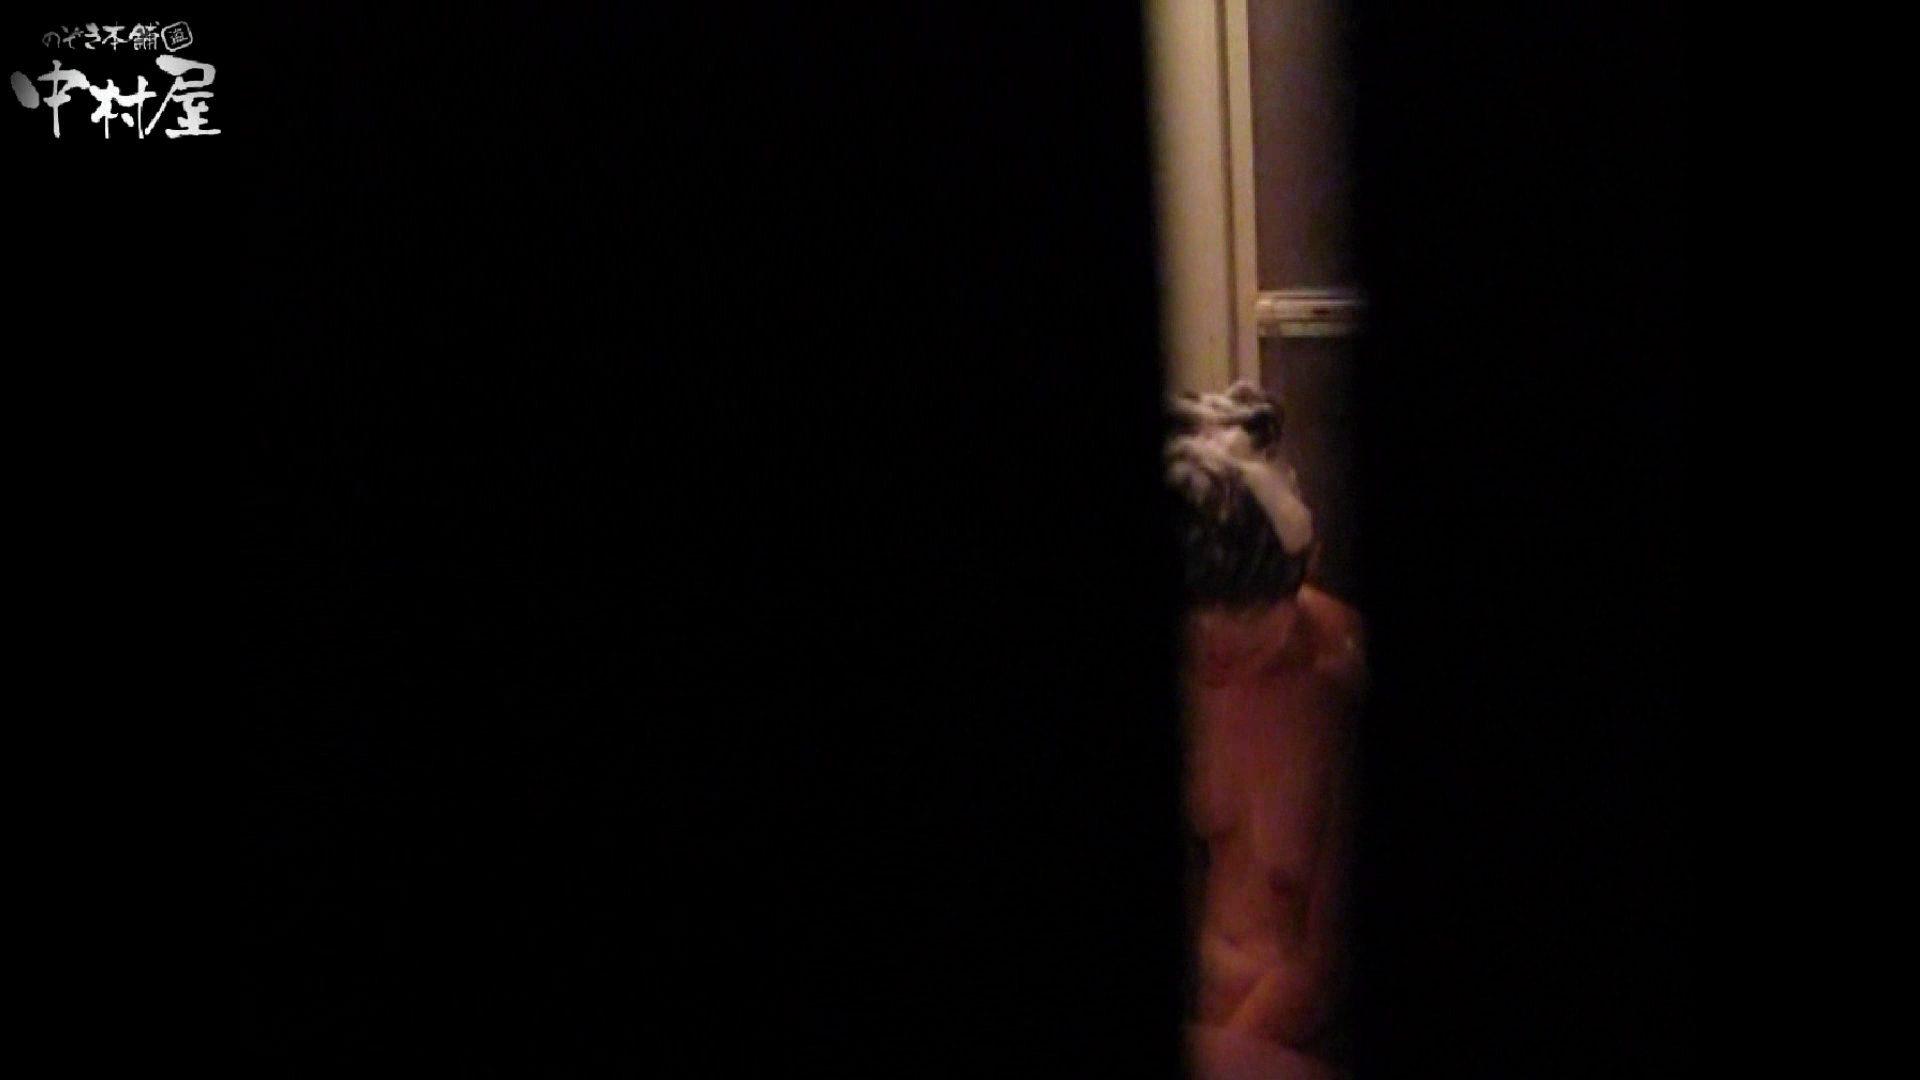 民家風呂専門盗撮師の超危険映像 vol.004 股間 おまんこ無修正動画無料 89PIX 29